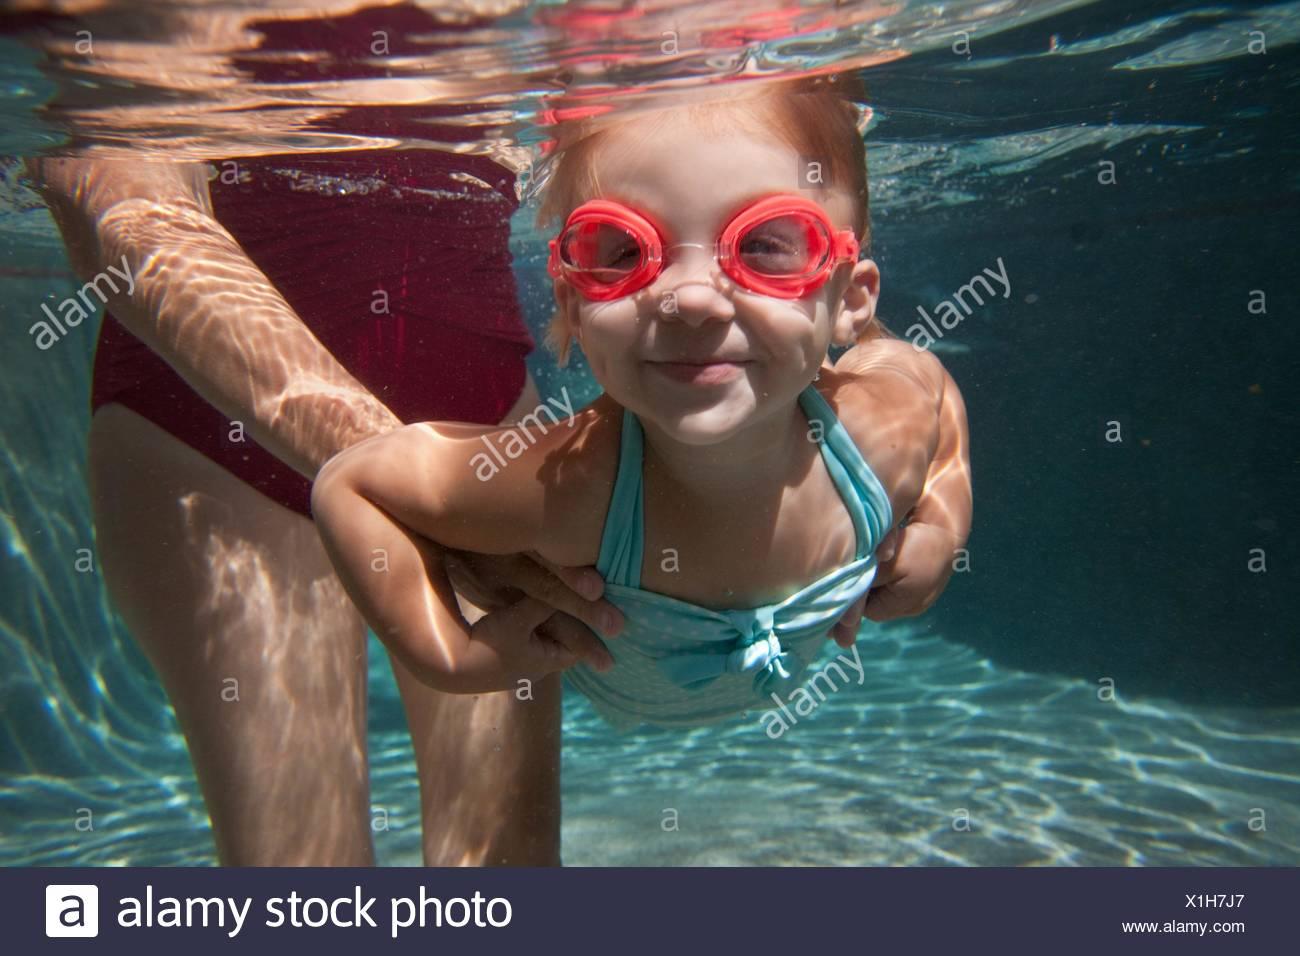 Underwater retrato de niña aprendiendo a nadar Imagen De Stock